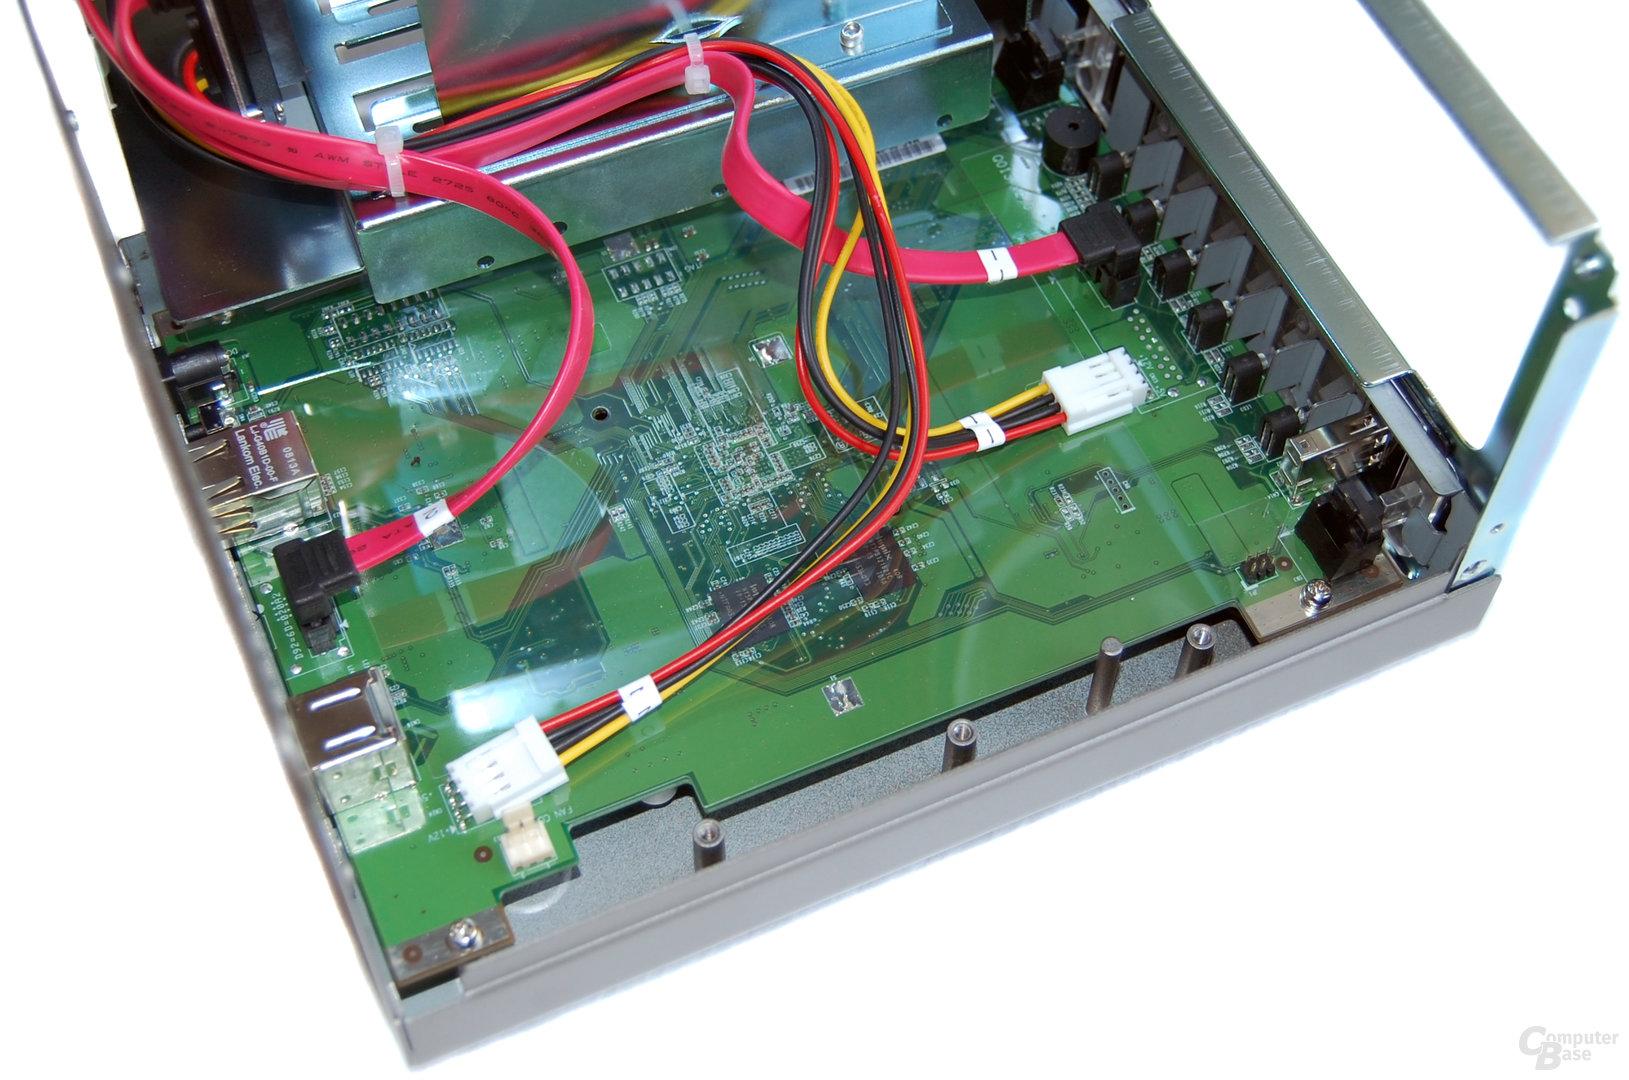 QNAP TS-209 Pro II